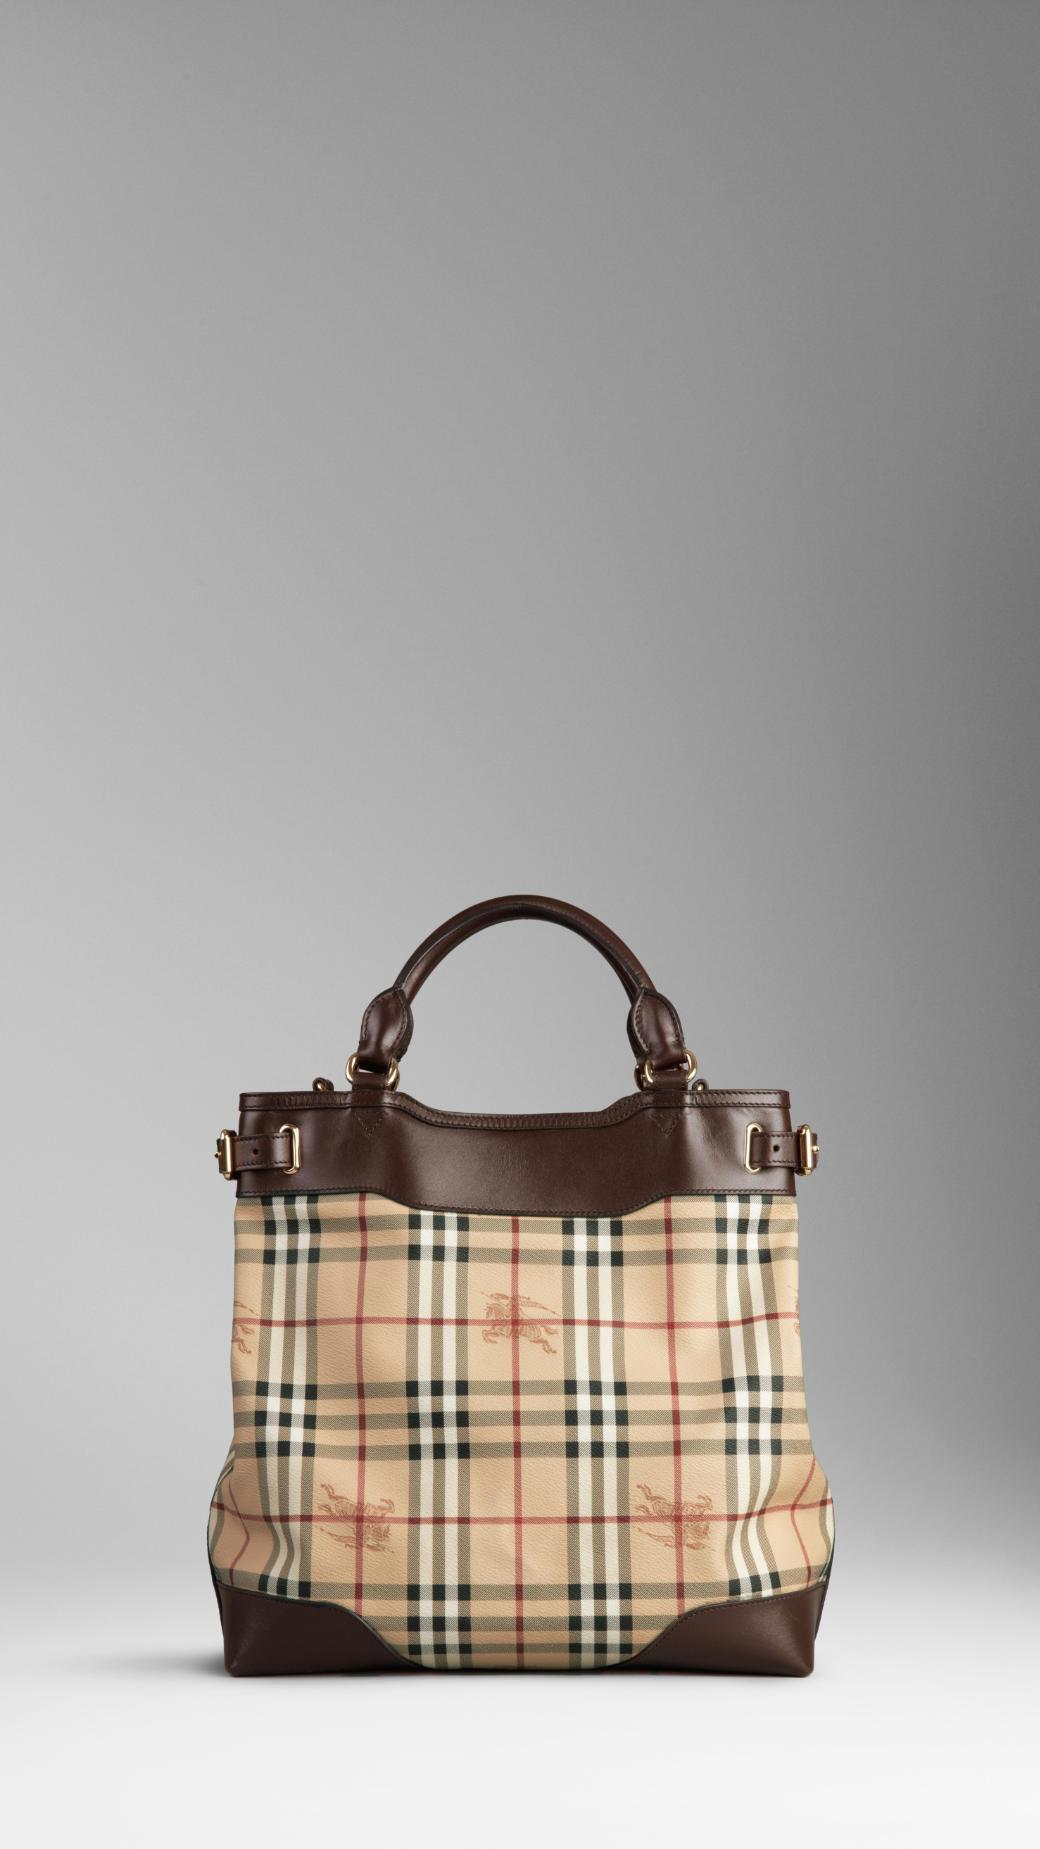 Burberry Medium Haymarket Check Tote Bag in Brown - Lyst c694e9de4e013